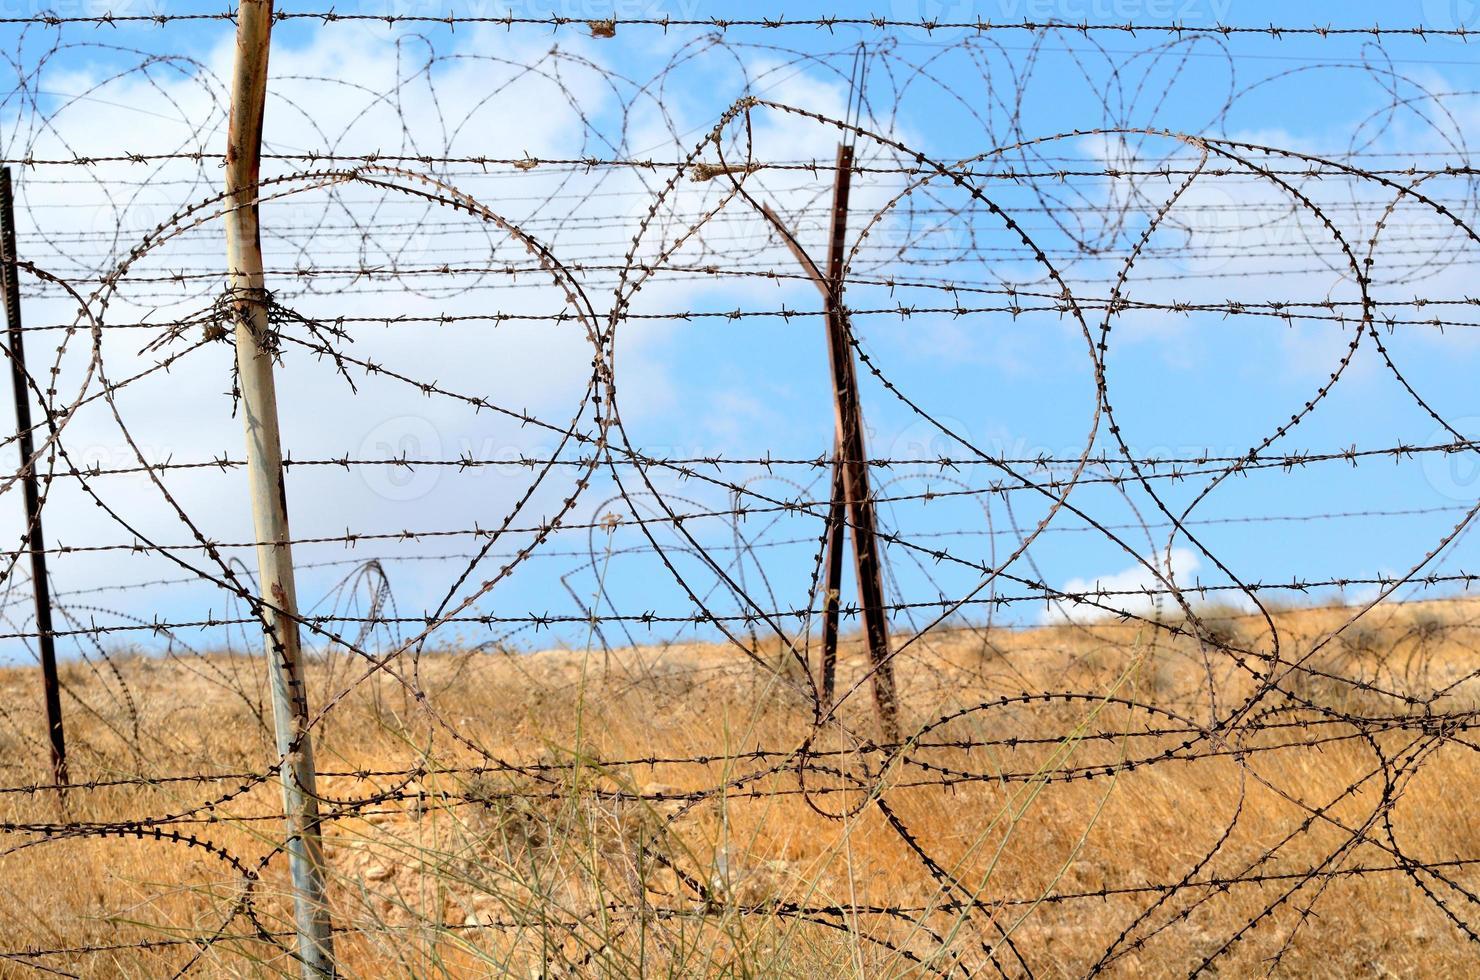 taggtrådsstängsel foto